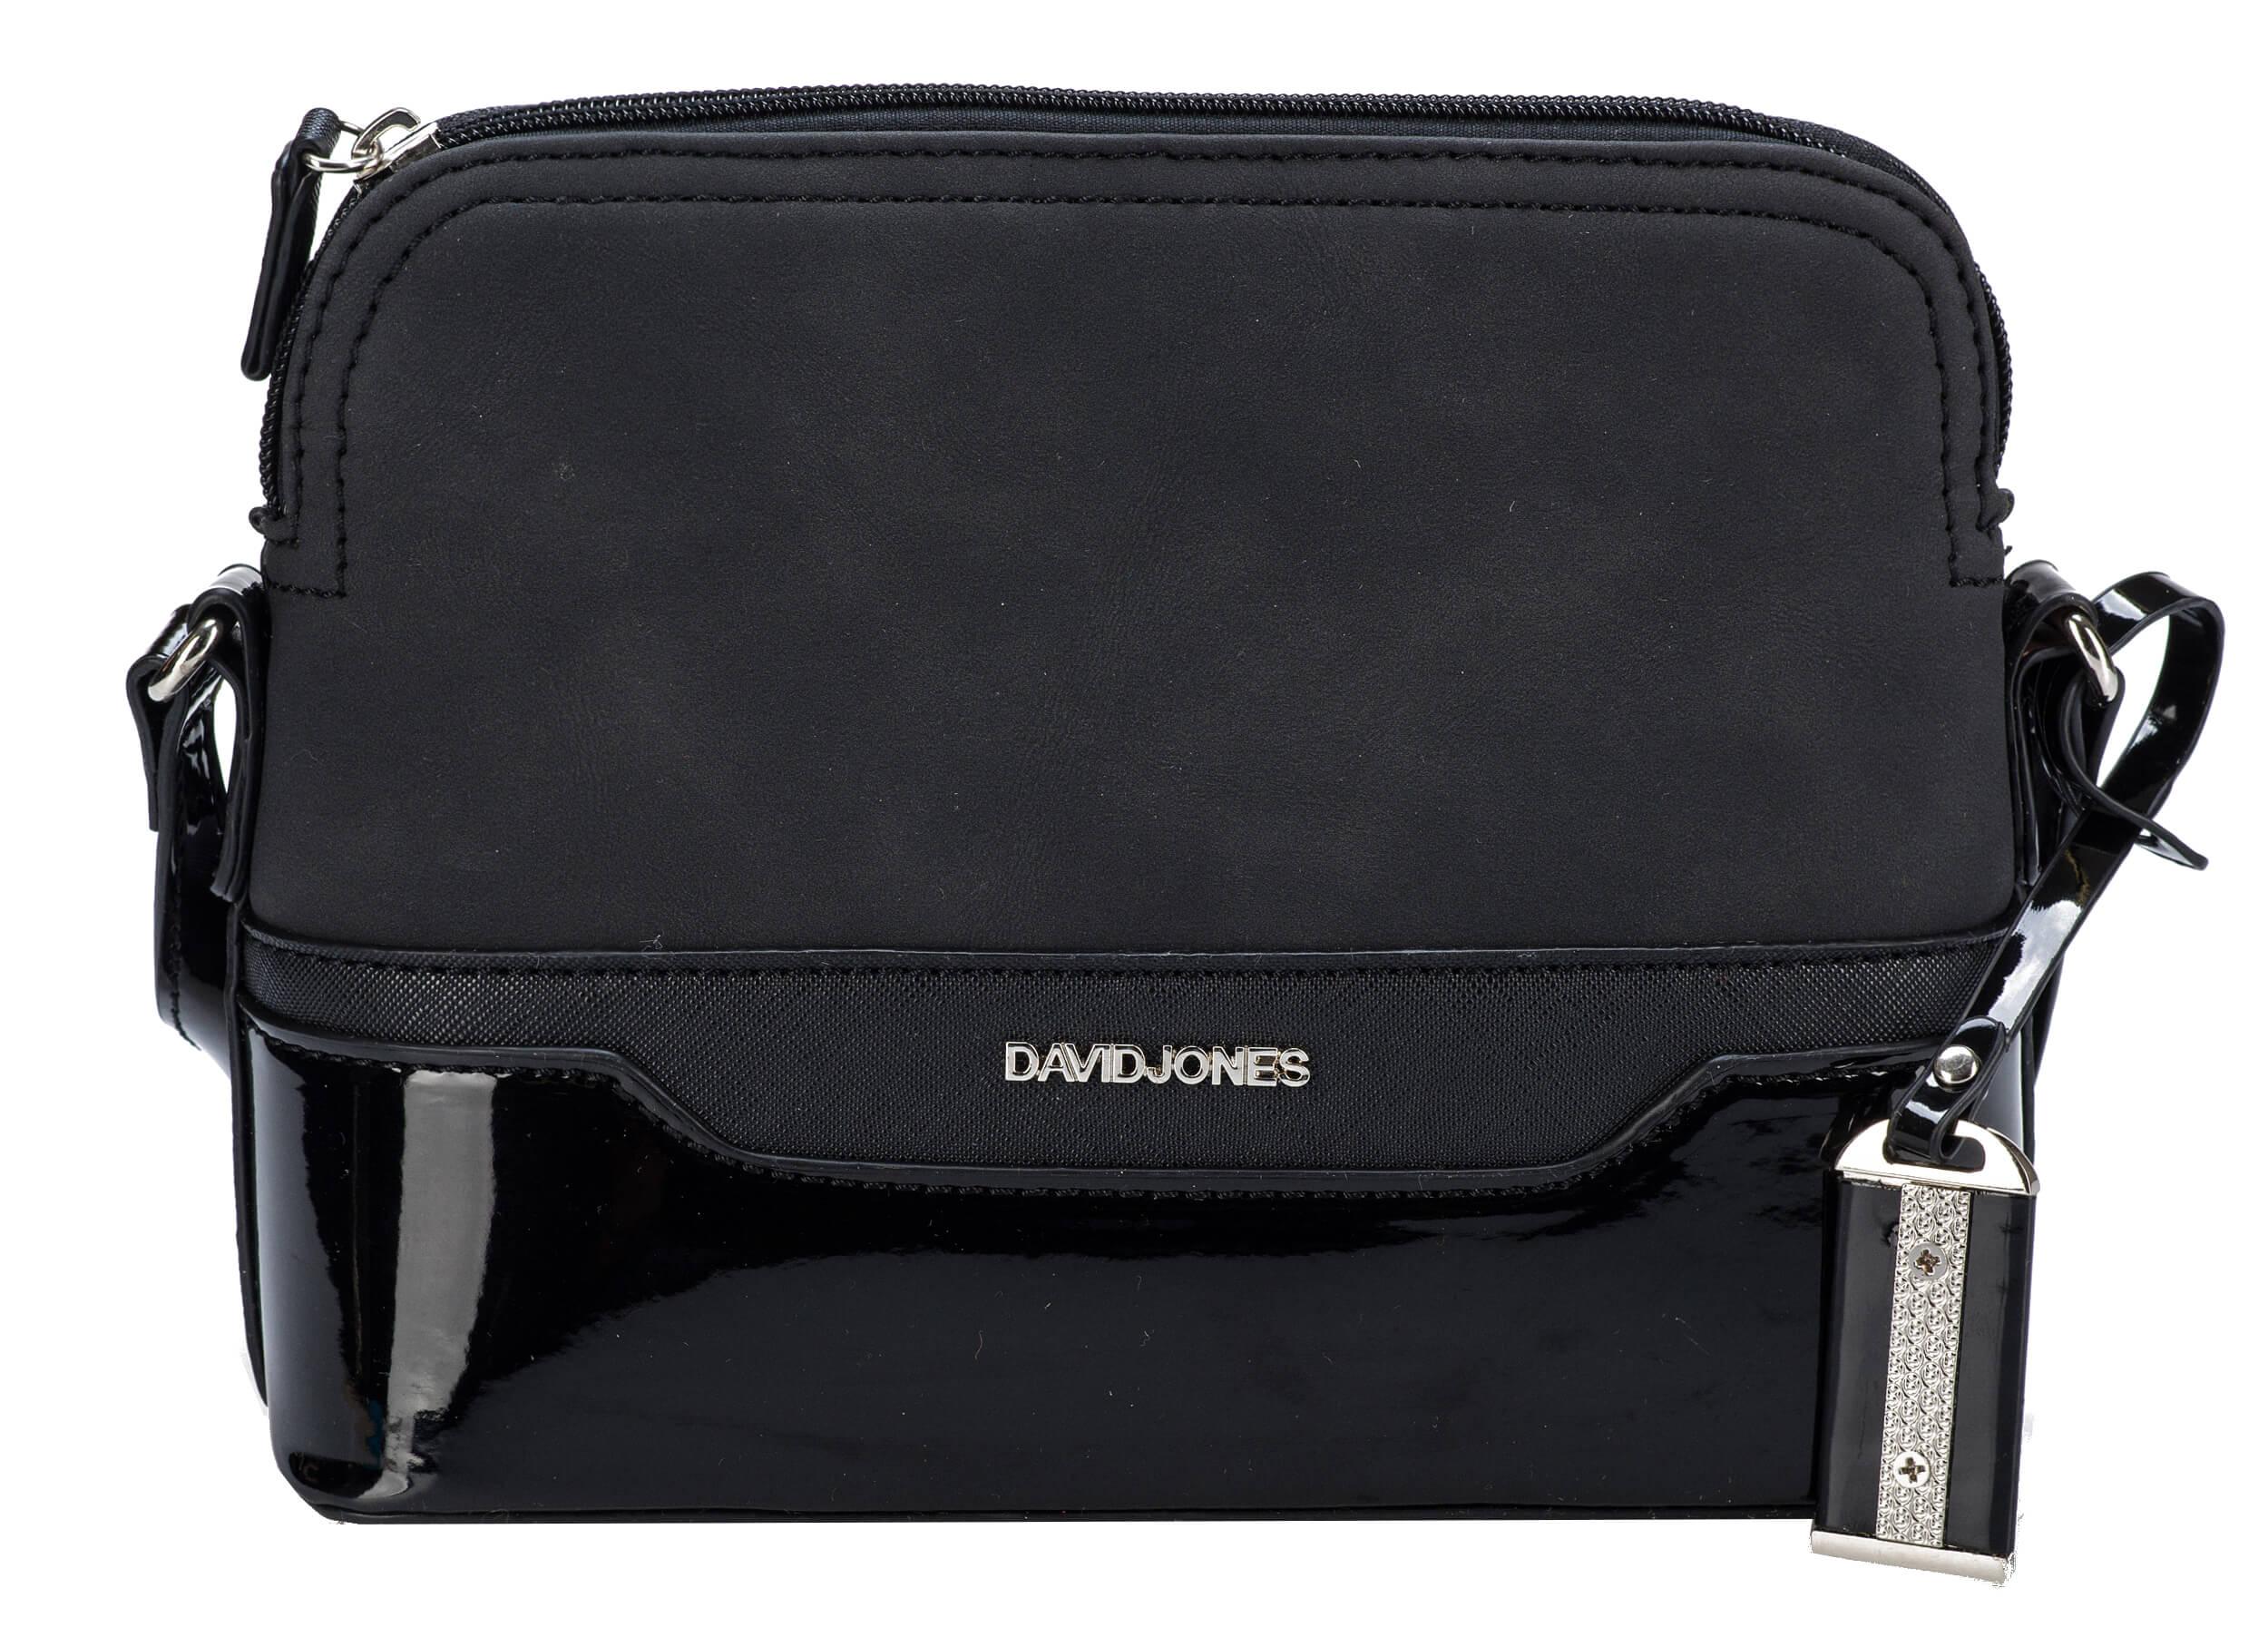 David Jones Dámska crossbody kabelka Black 5808-1  ac684d72fa6